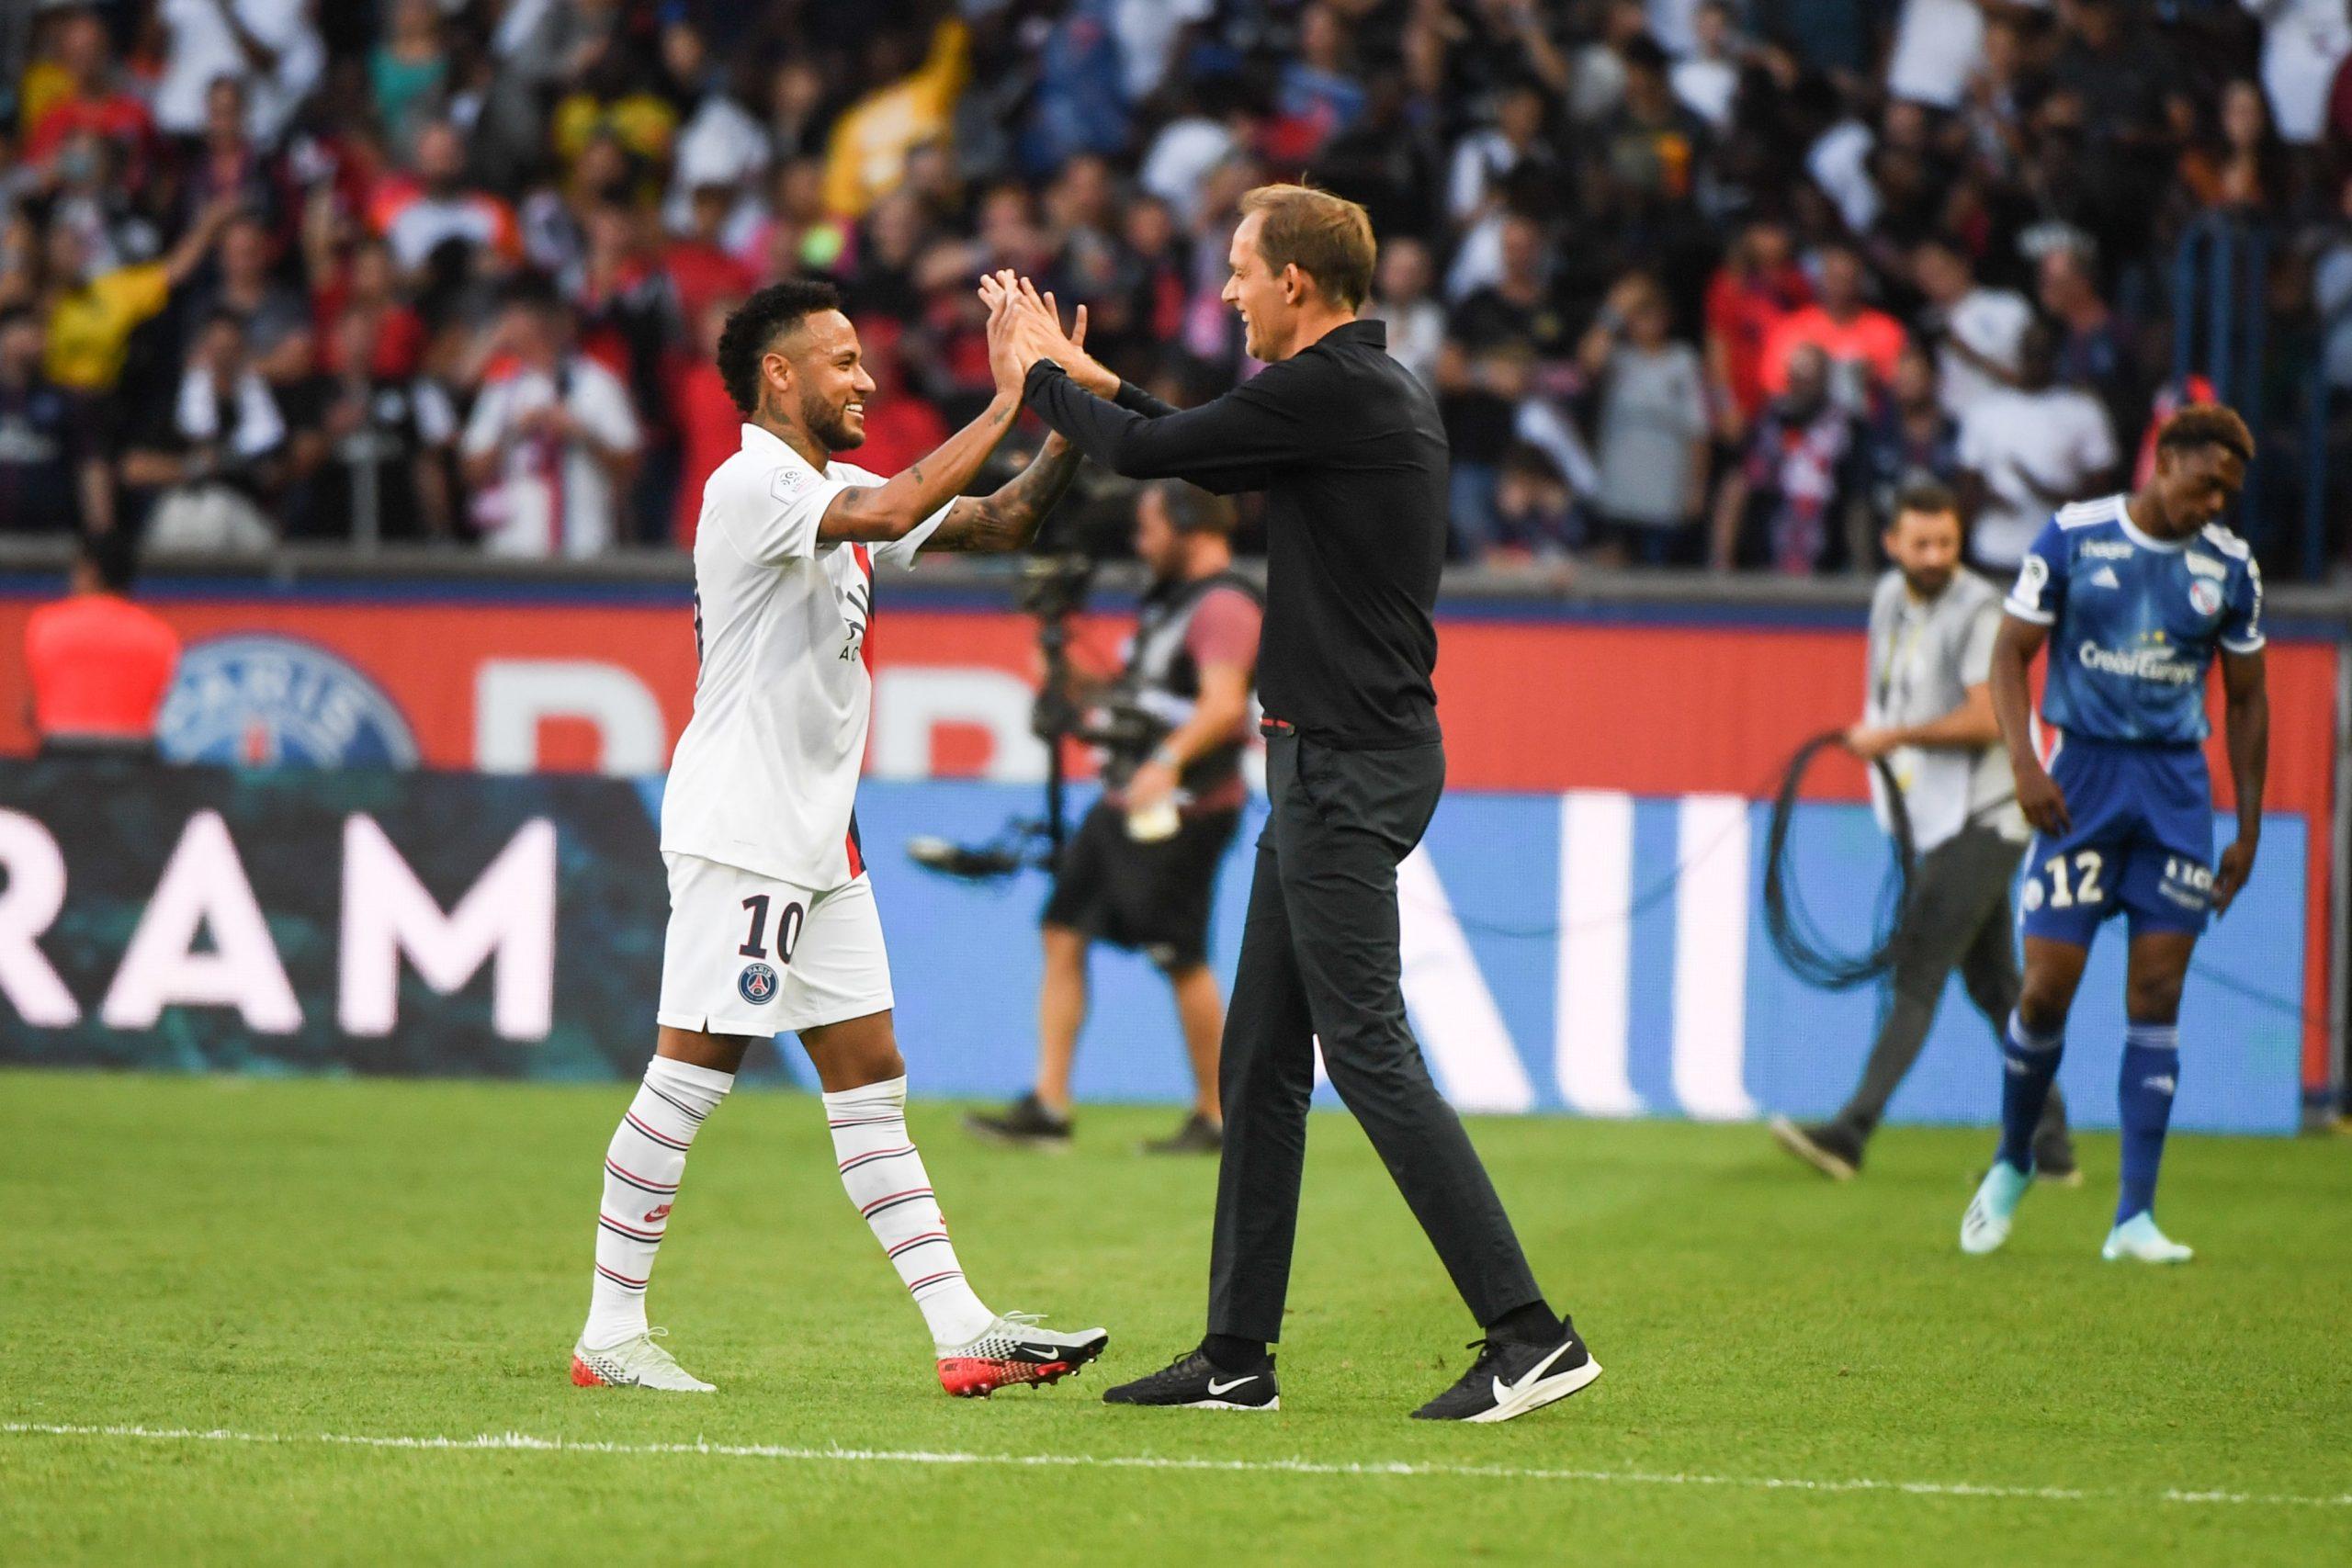 L'équipe-type de Ligue 1 2019-2020 selon L'Equipe, 4 joueurs du PSG et Tuchel présents